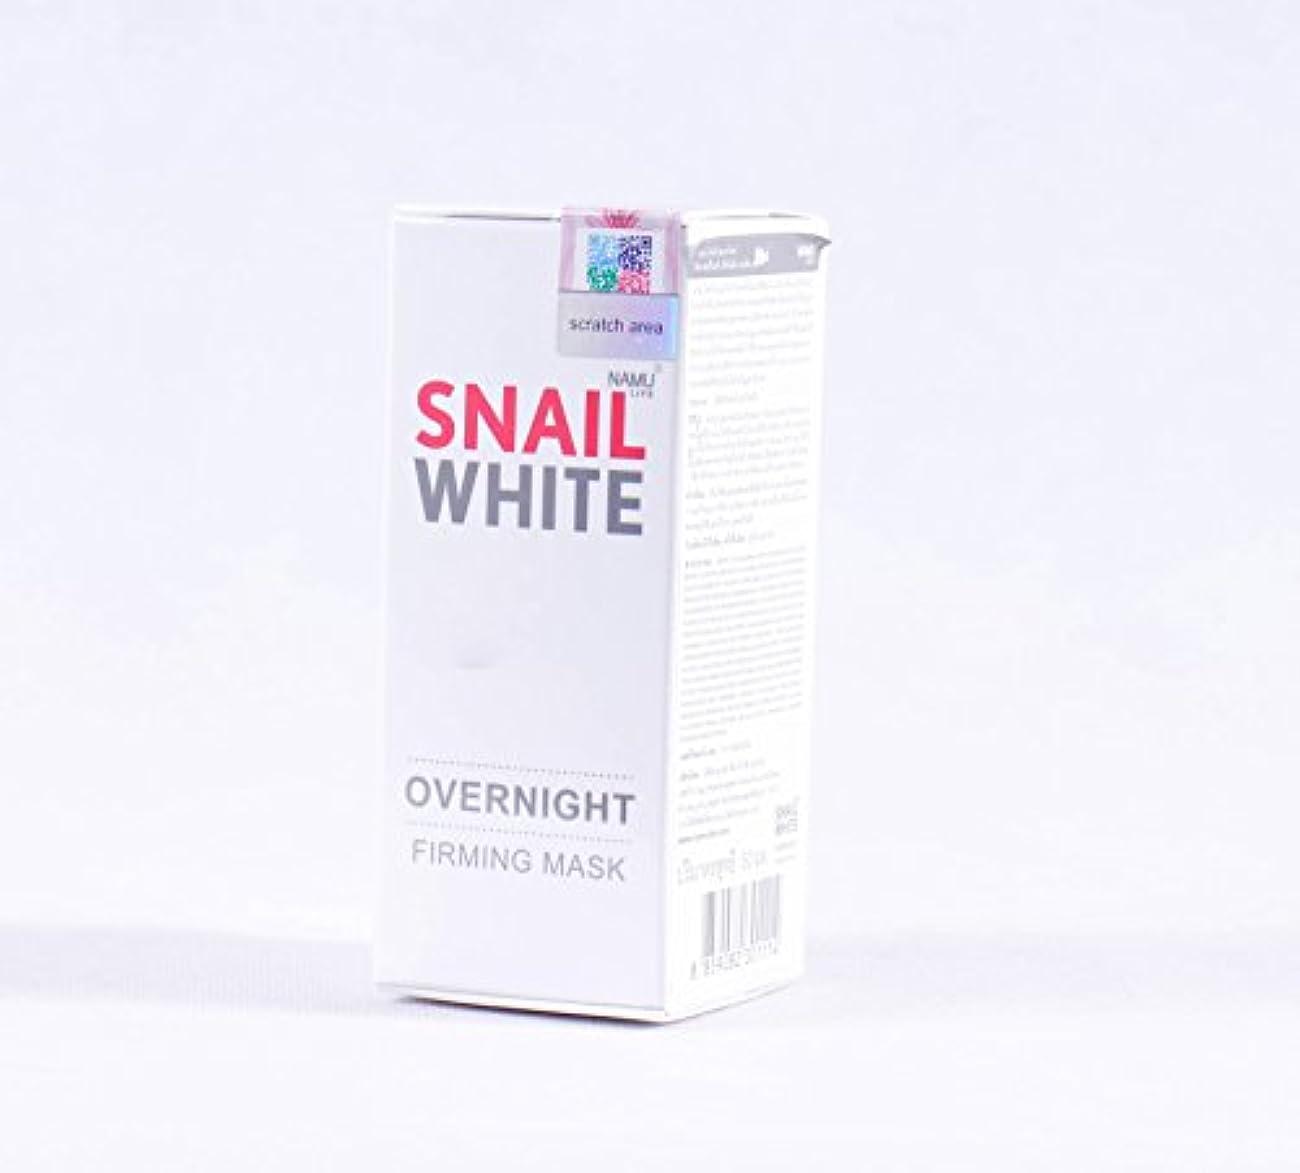 連想並外れた関連するオーバーナイトファーミングマスク50 ml。 ホワイトニング NAMU LIFE SNAILWHITE OVERNIGHT FIRMING MASK 50 ml.